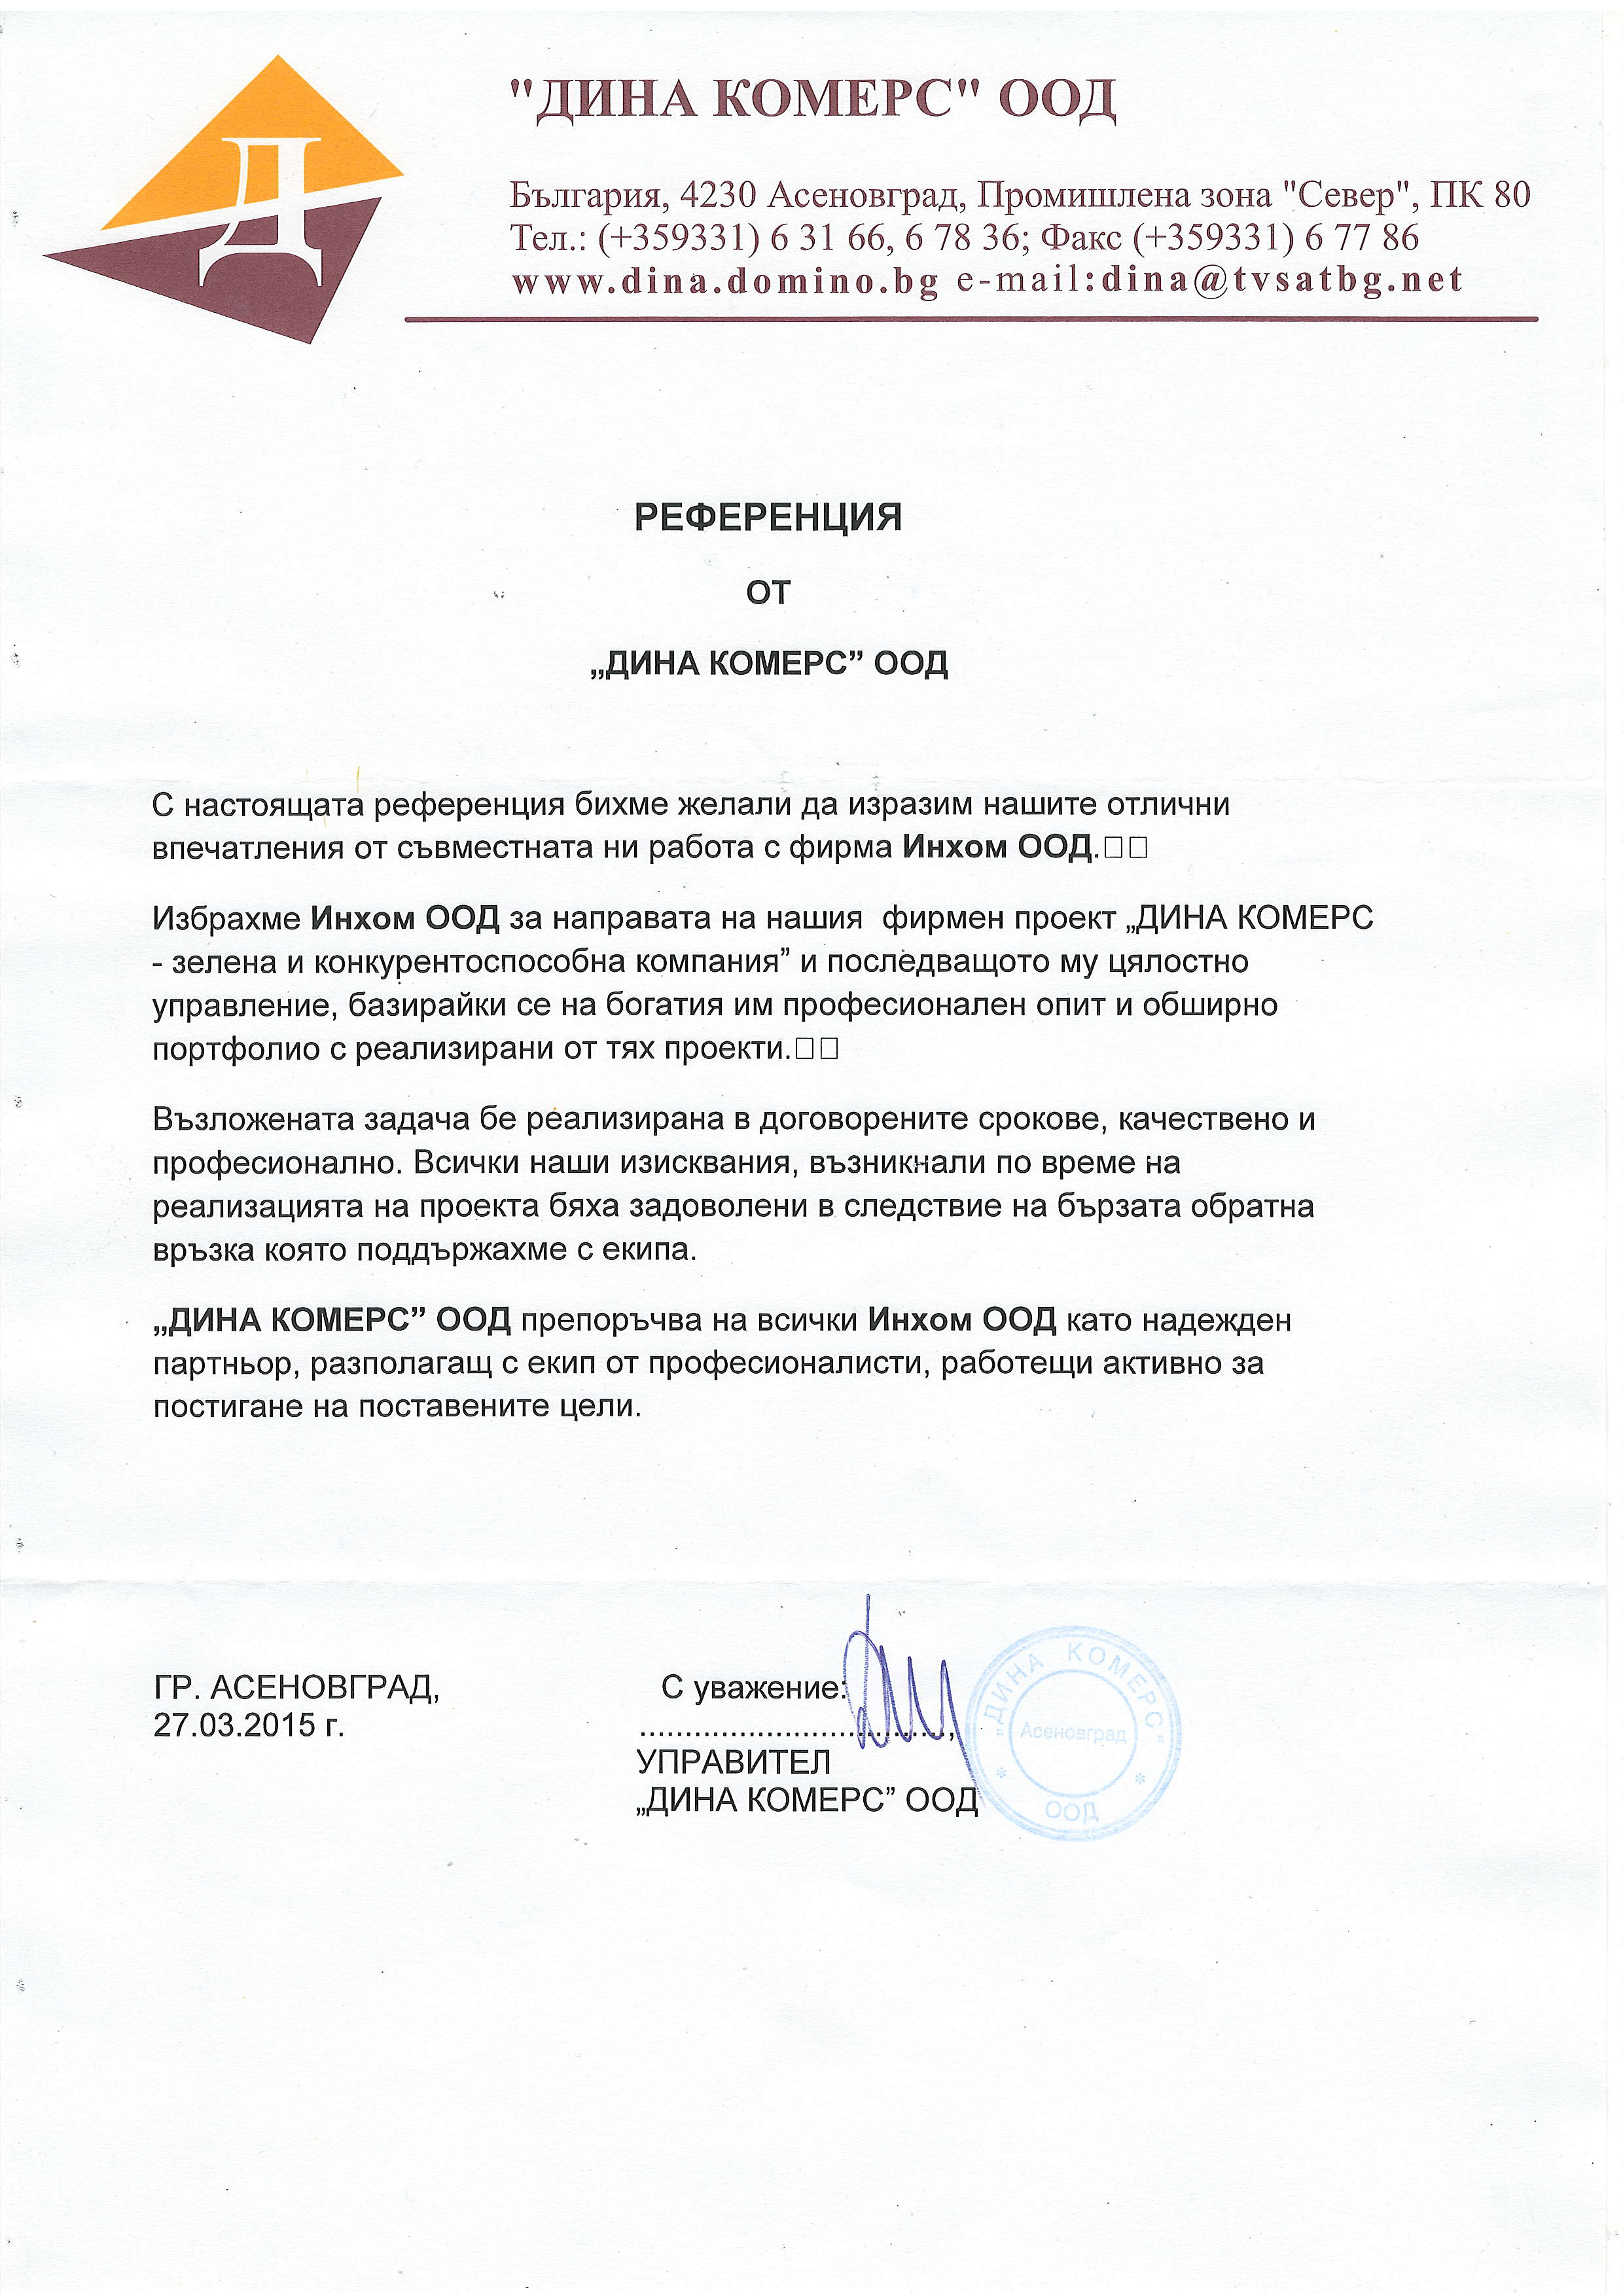 ДИНА КОМЕРС ООД